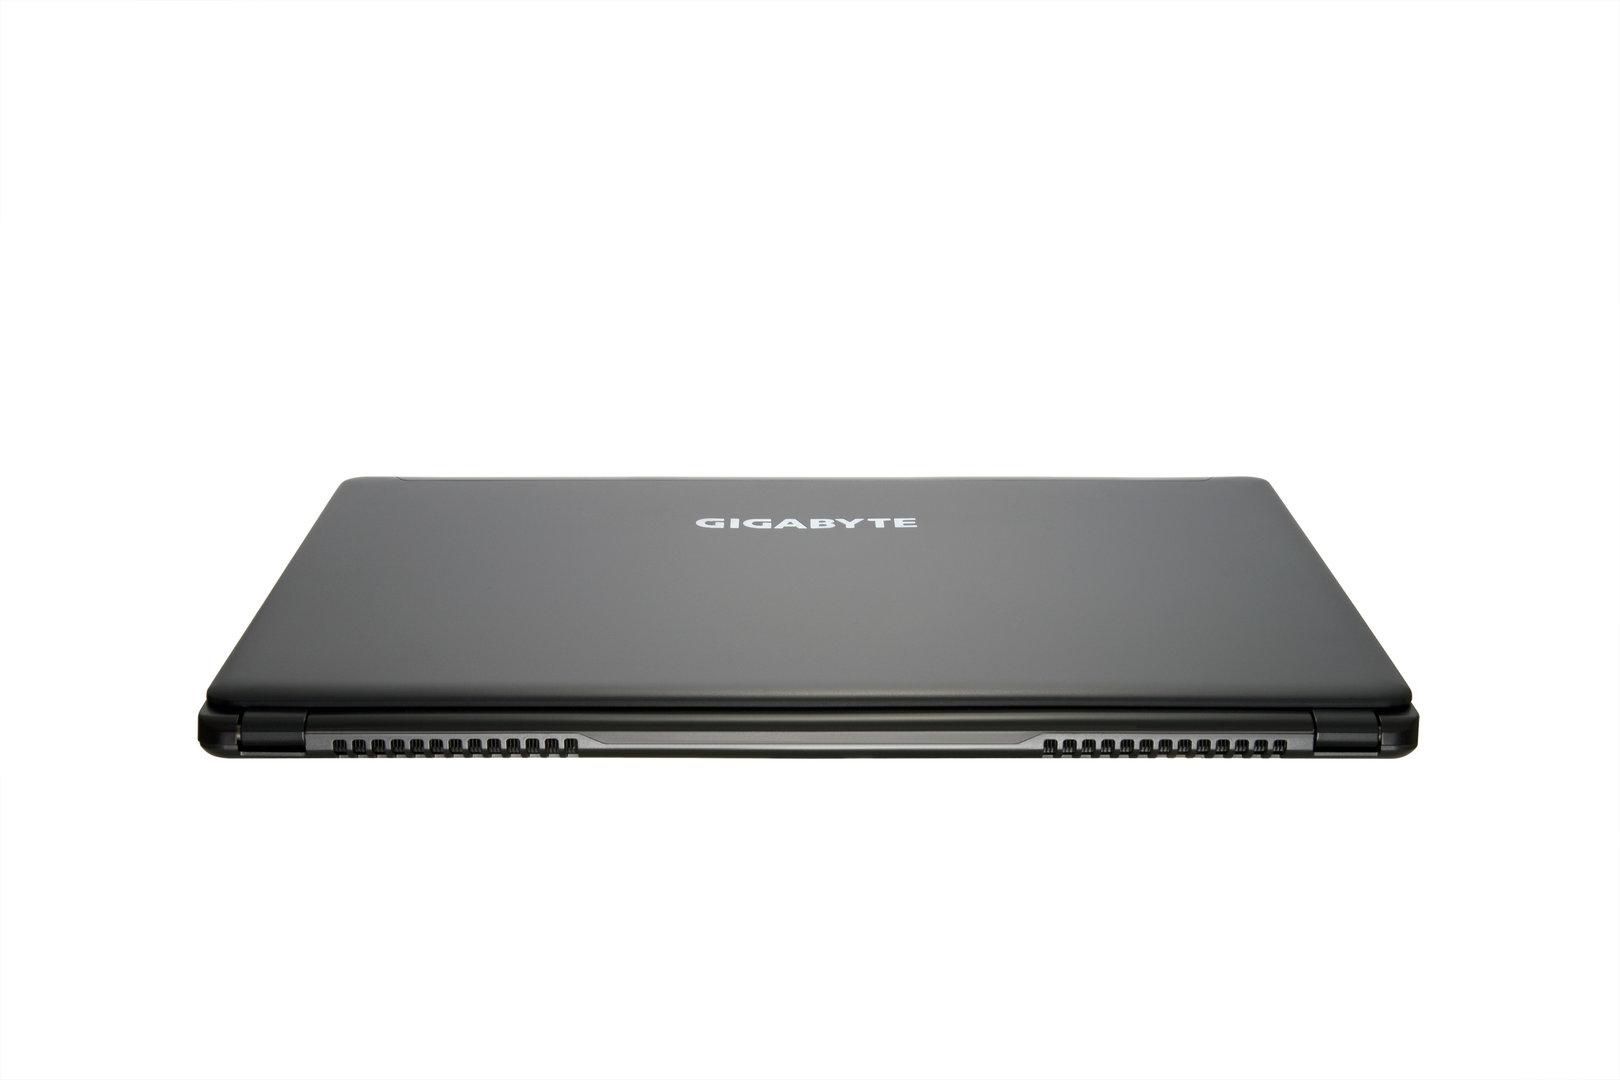 Gigabyte P35X v3 mit GTX 980M